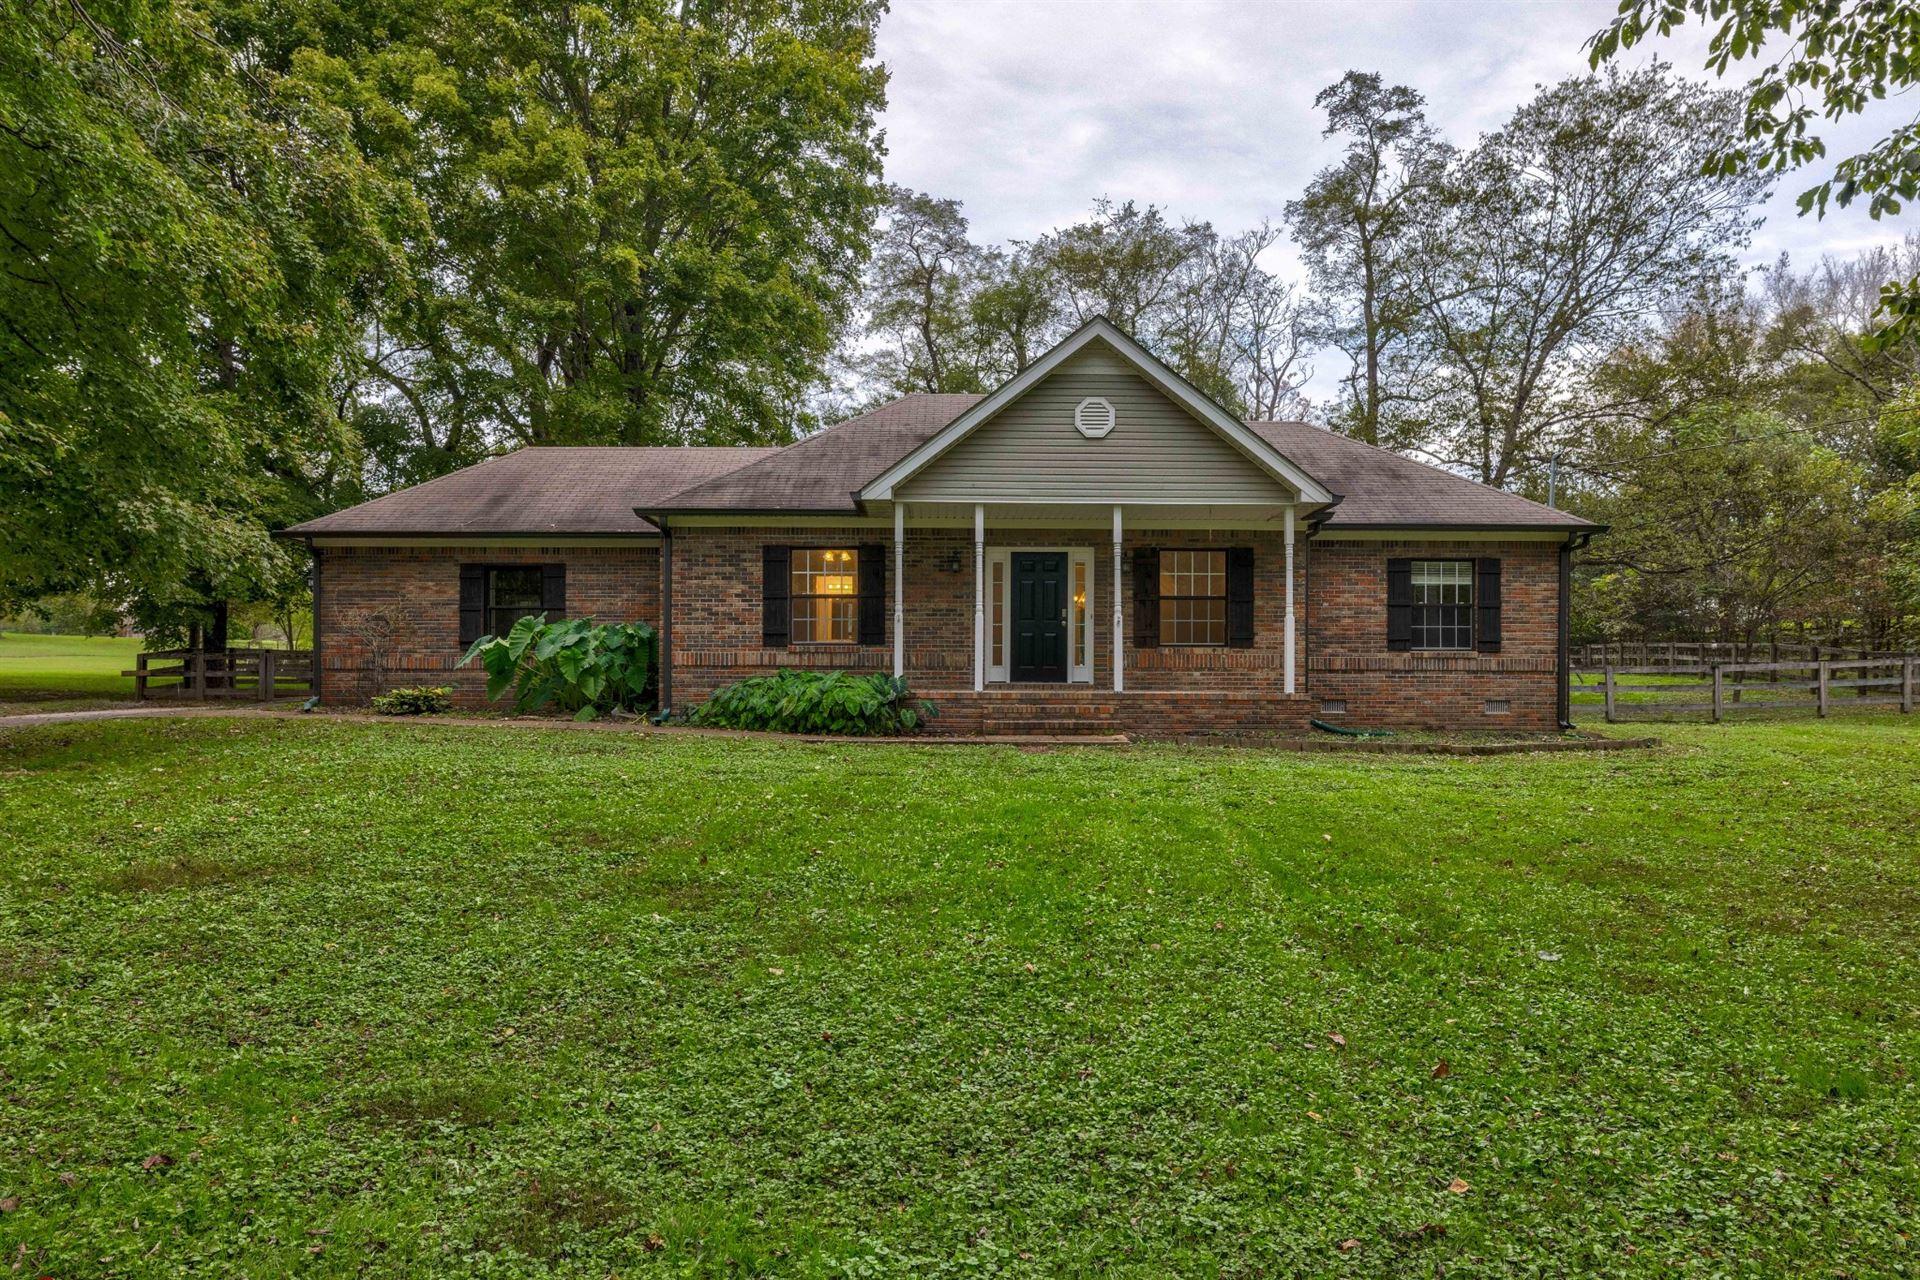 420 Gander Ct, Spring Hill, TN 37174 - MLS#: 2300697